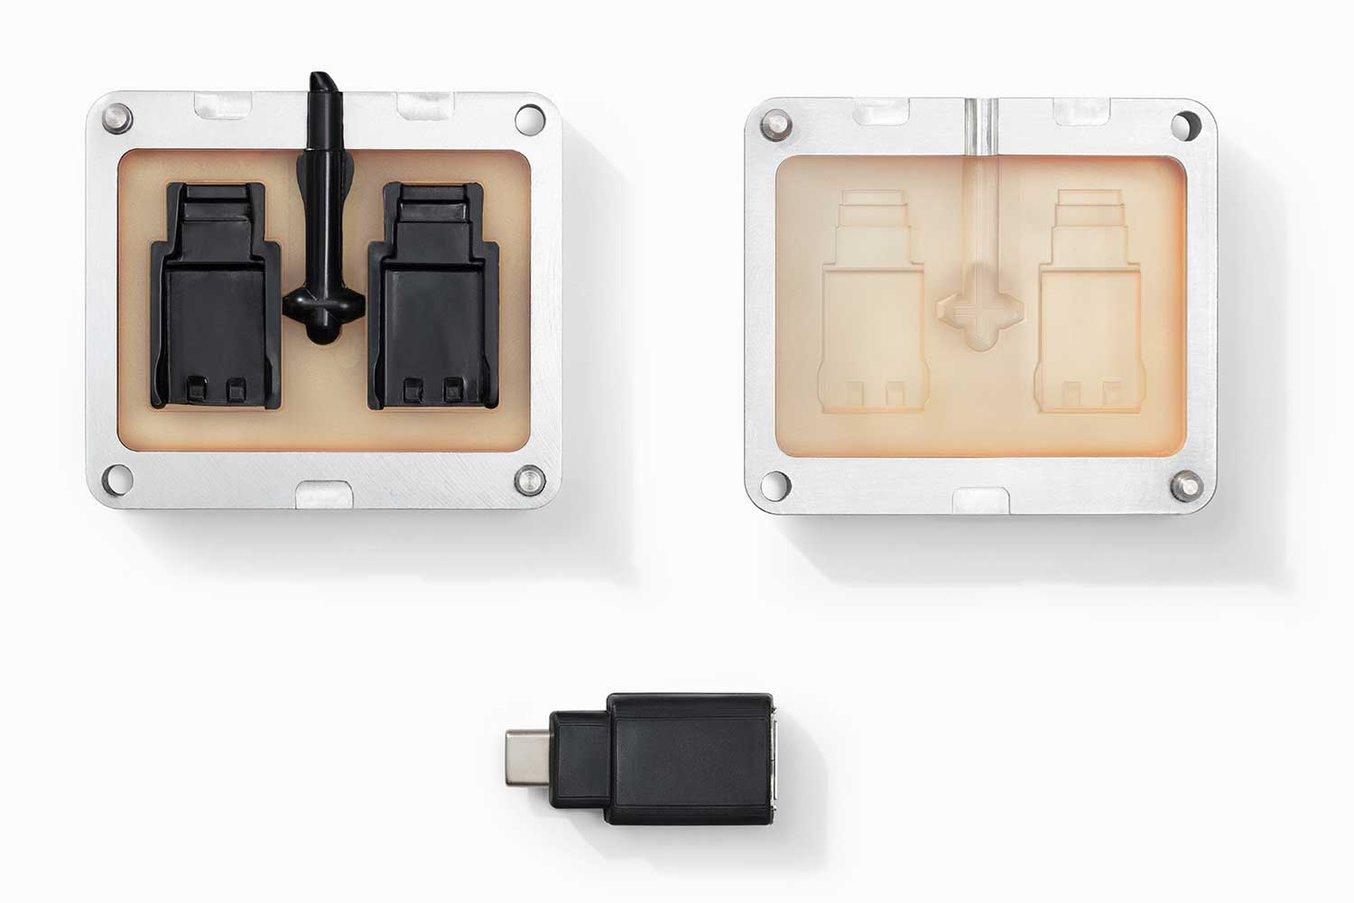 Una custodia USB realizzata usando uno stampo a iniezione creato direttamente con la High Temp Resin di Formlabs.